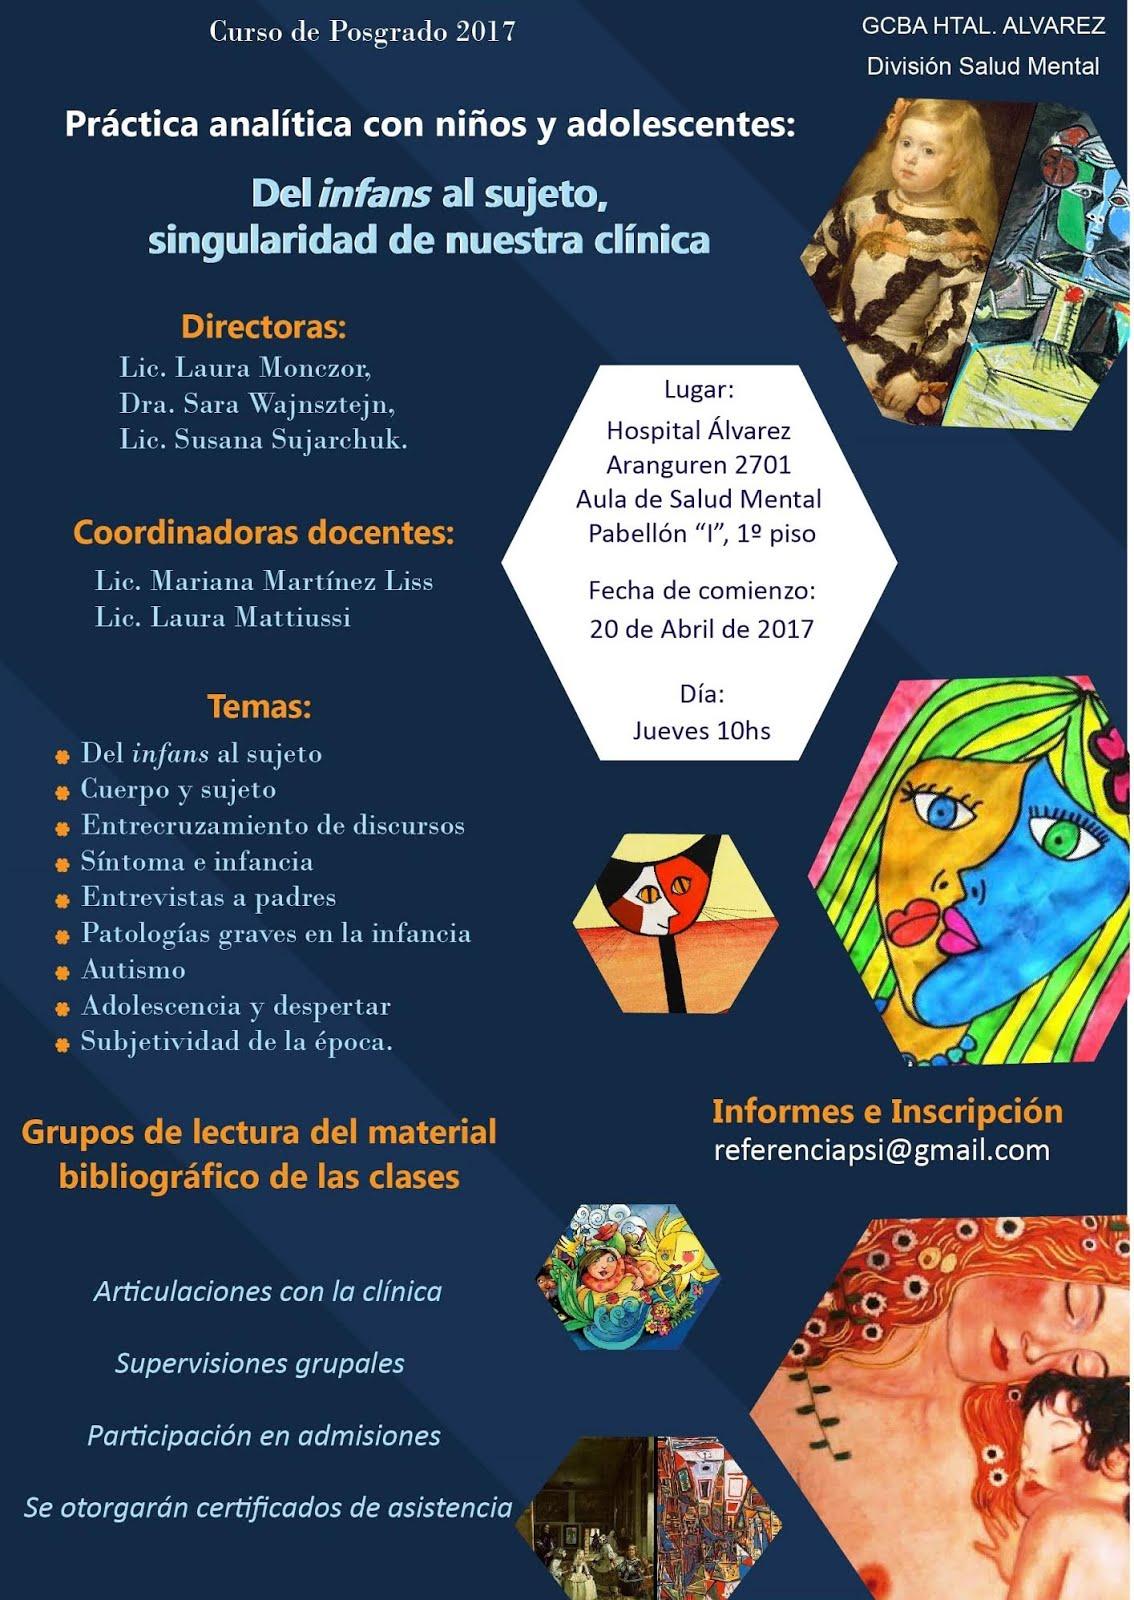 CURSO DE POSTGRADO EN CLÍNICA CON NIÑOS Y ADOLESCENTES ABRIL-NOV 2017